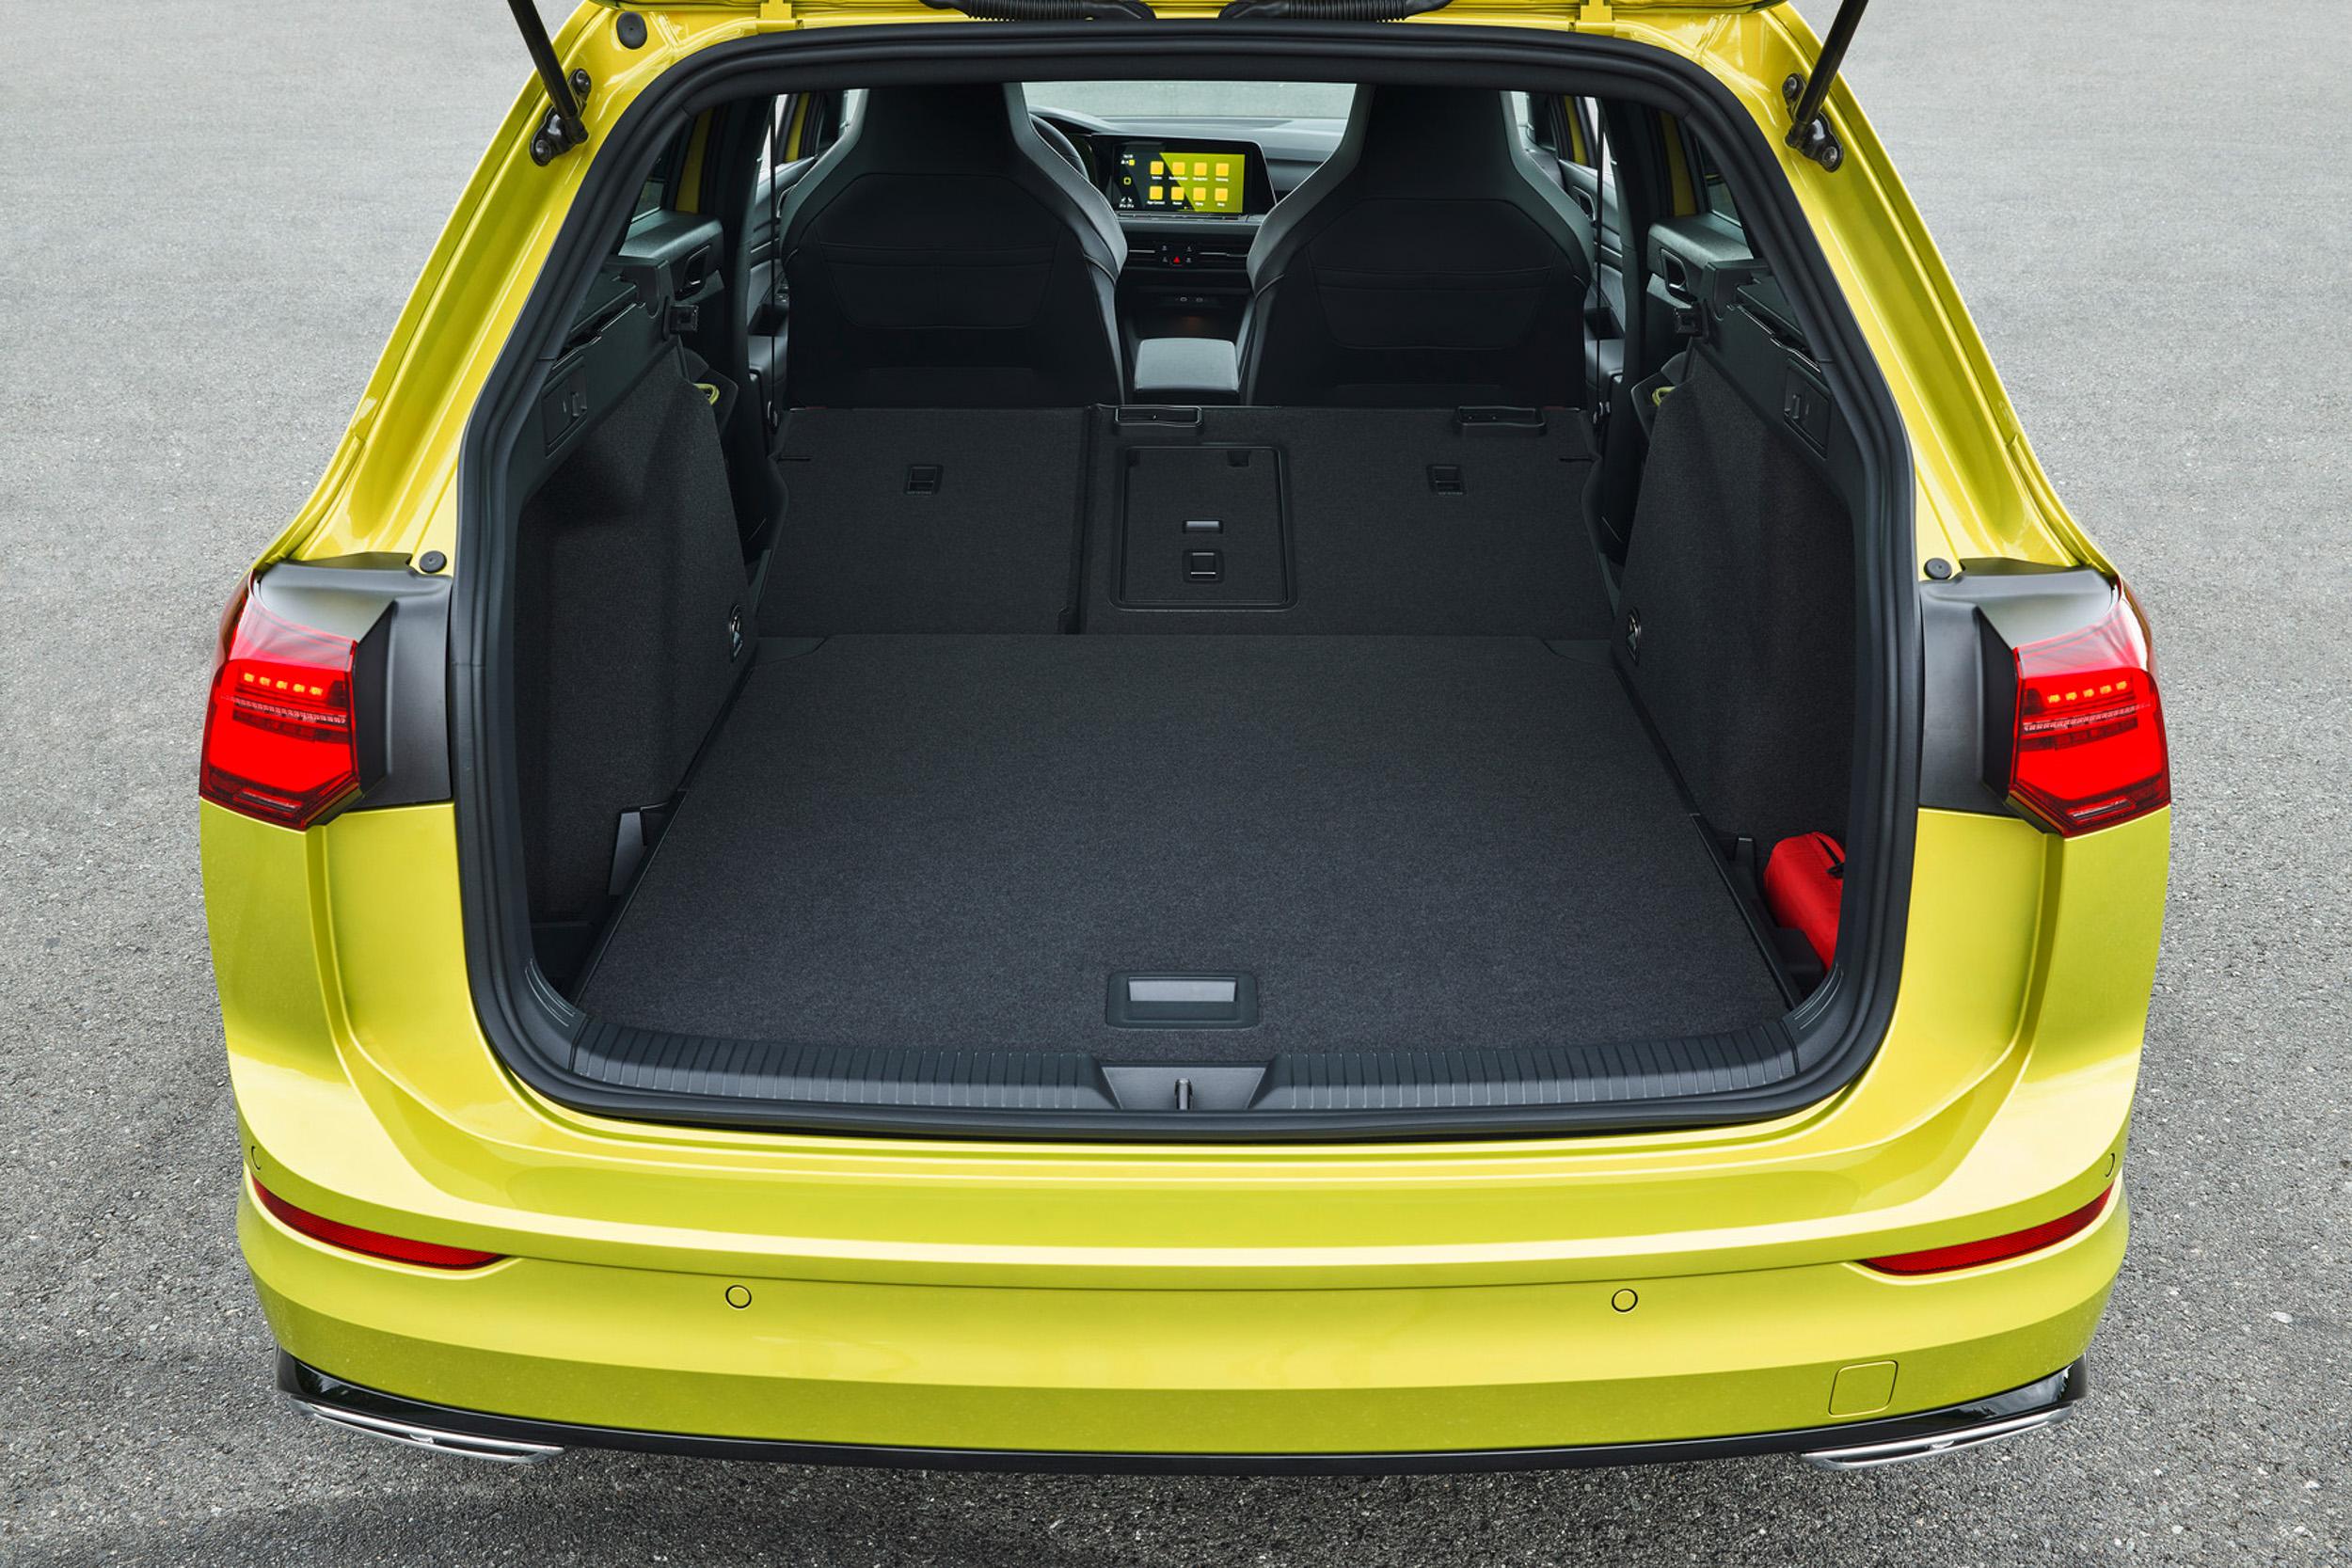 Golf 8 Variant標準乘坐狀態下行李廂容積增加至611公升,最大可達1,642公升。